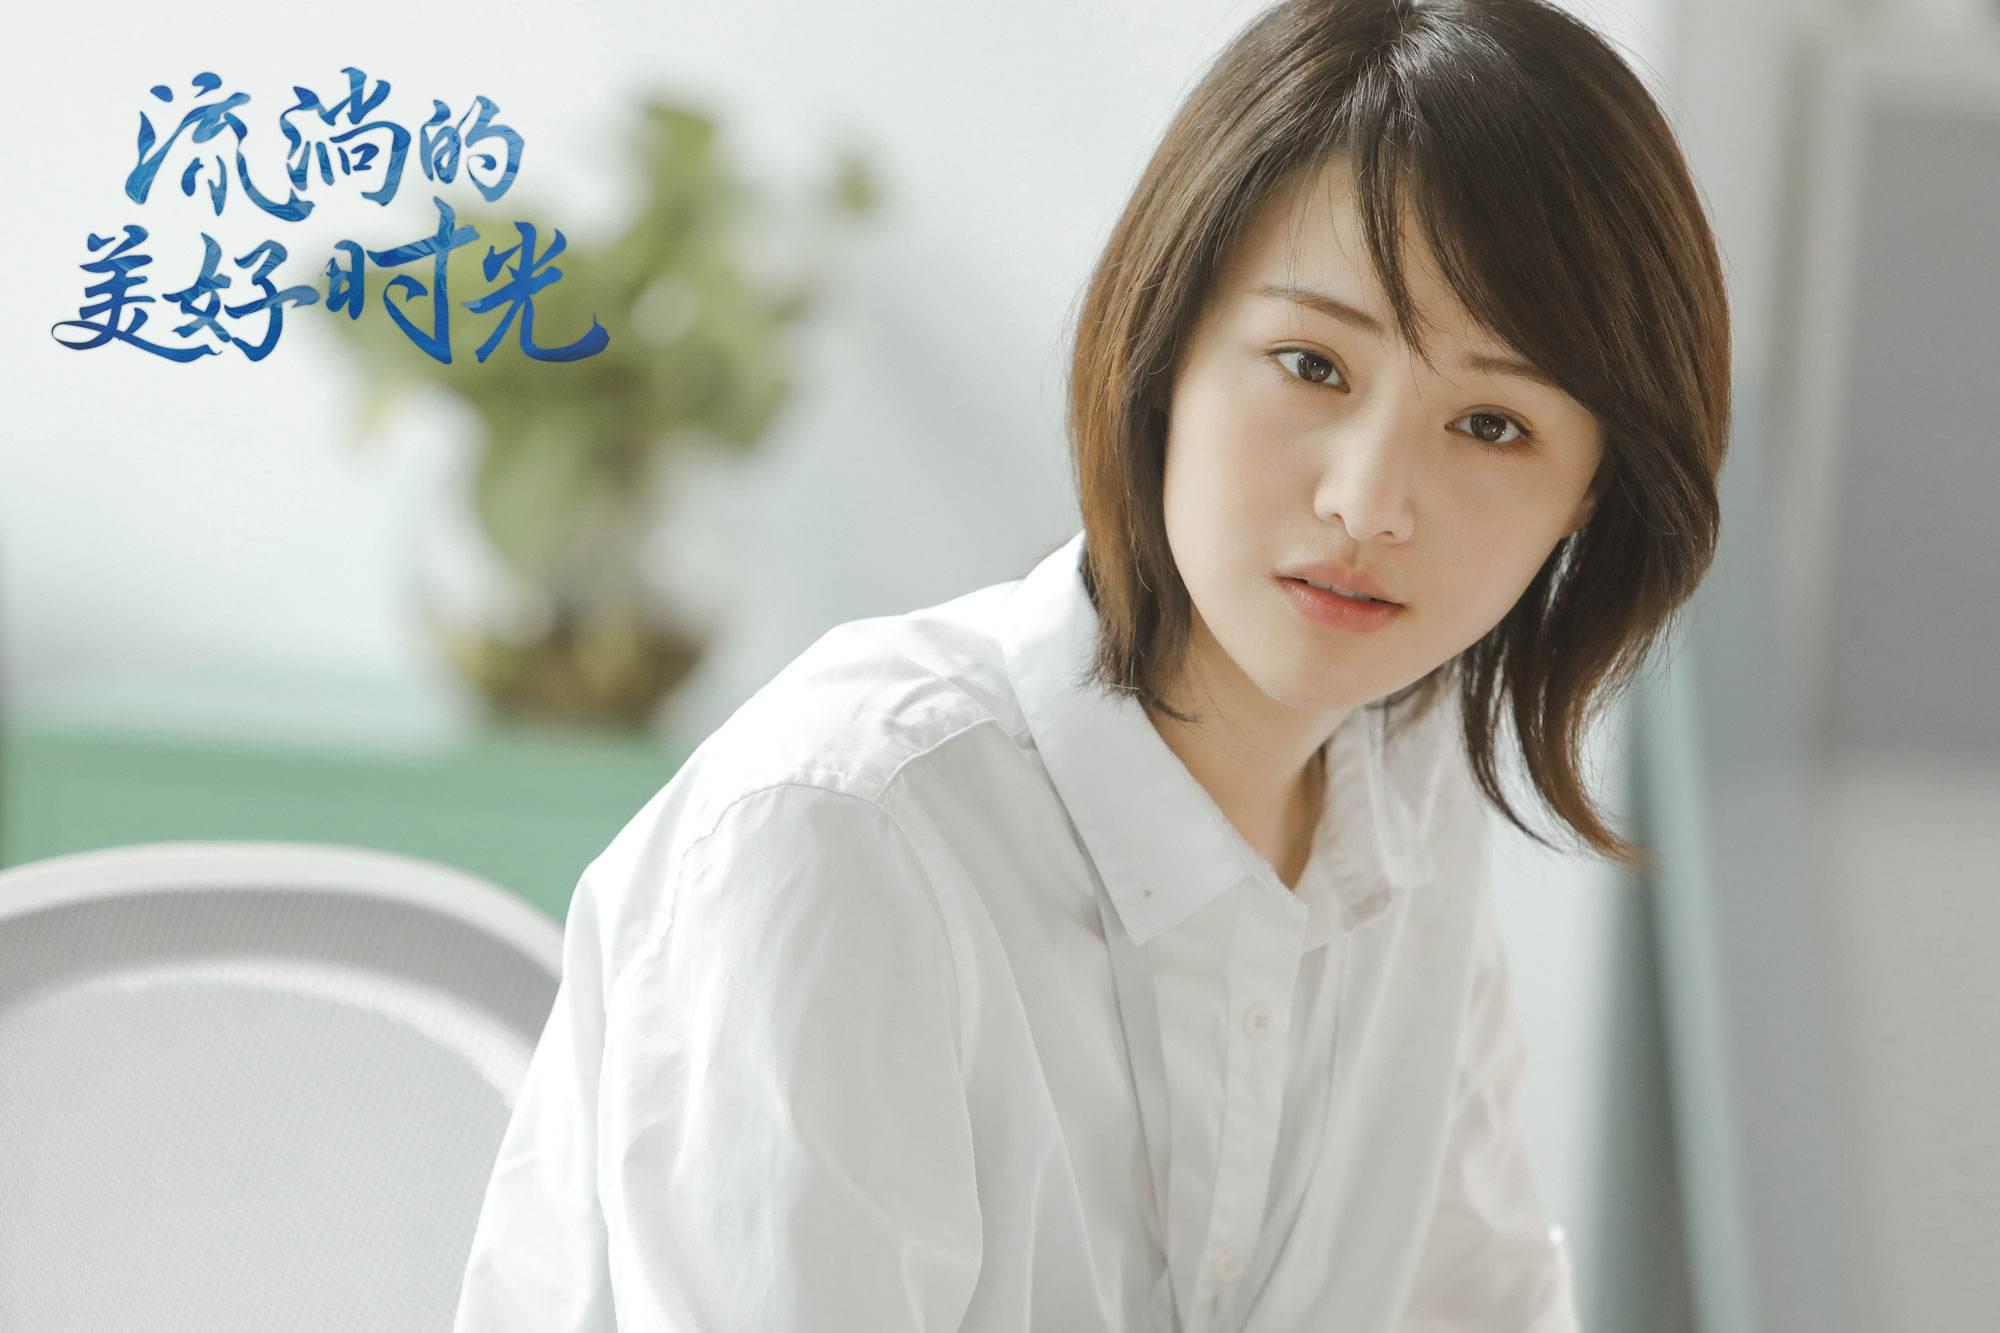 郑爽官宣《我们恋爱吧》被吐槽,从演员到综艺咖,她为何越来越糊